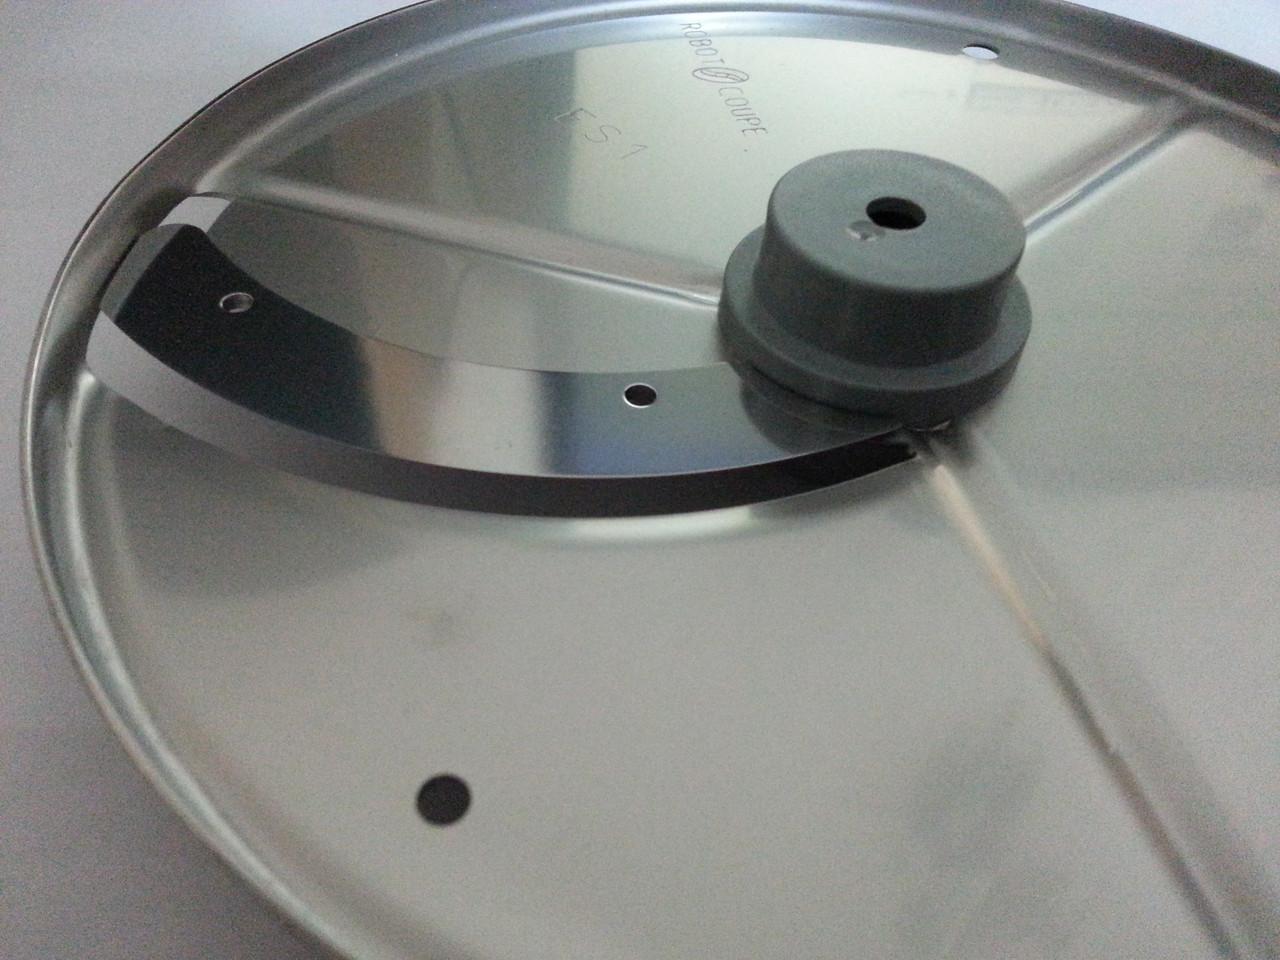 Диск ES1 для овощерезки Robot Coupe CL30 cлайсер 1 мм (27051)